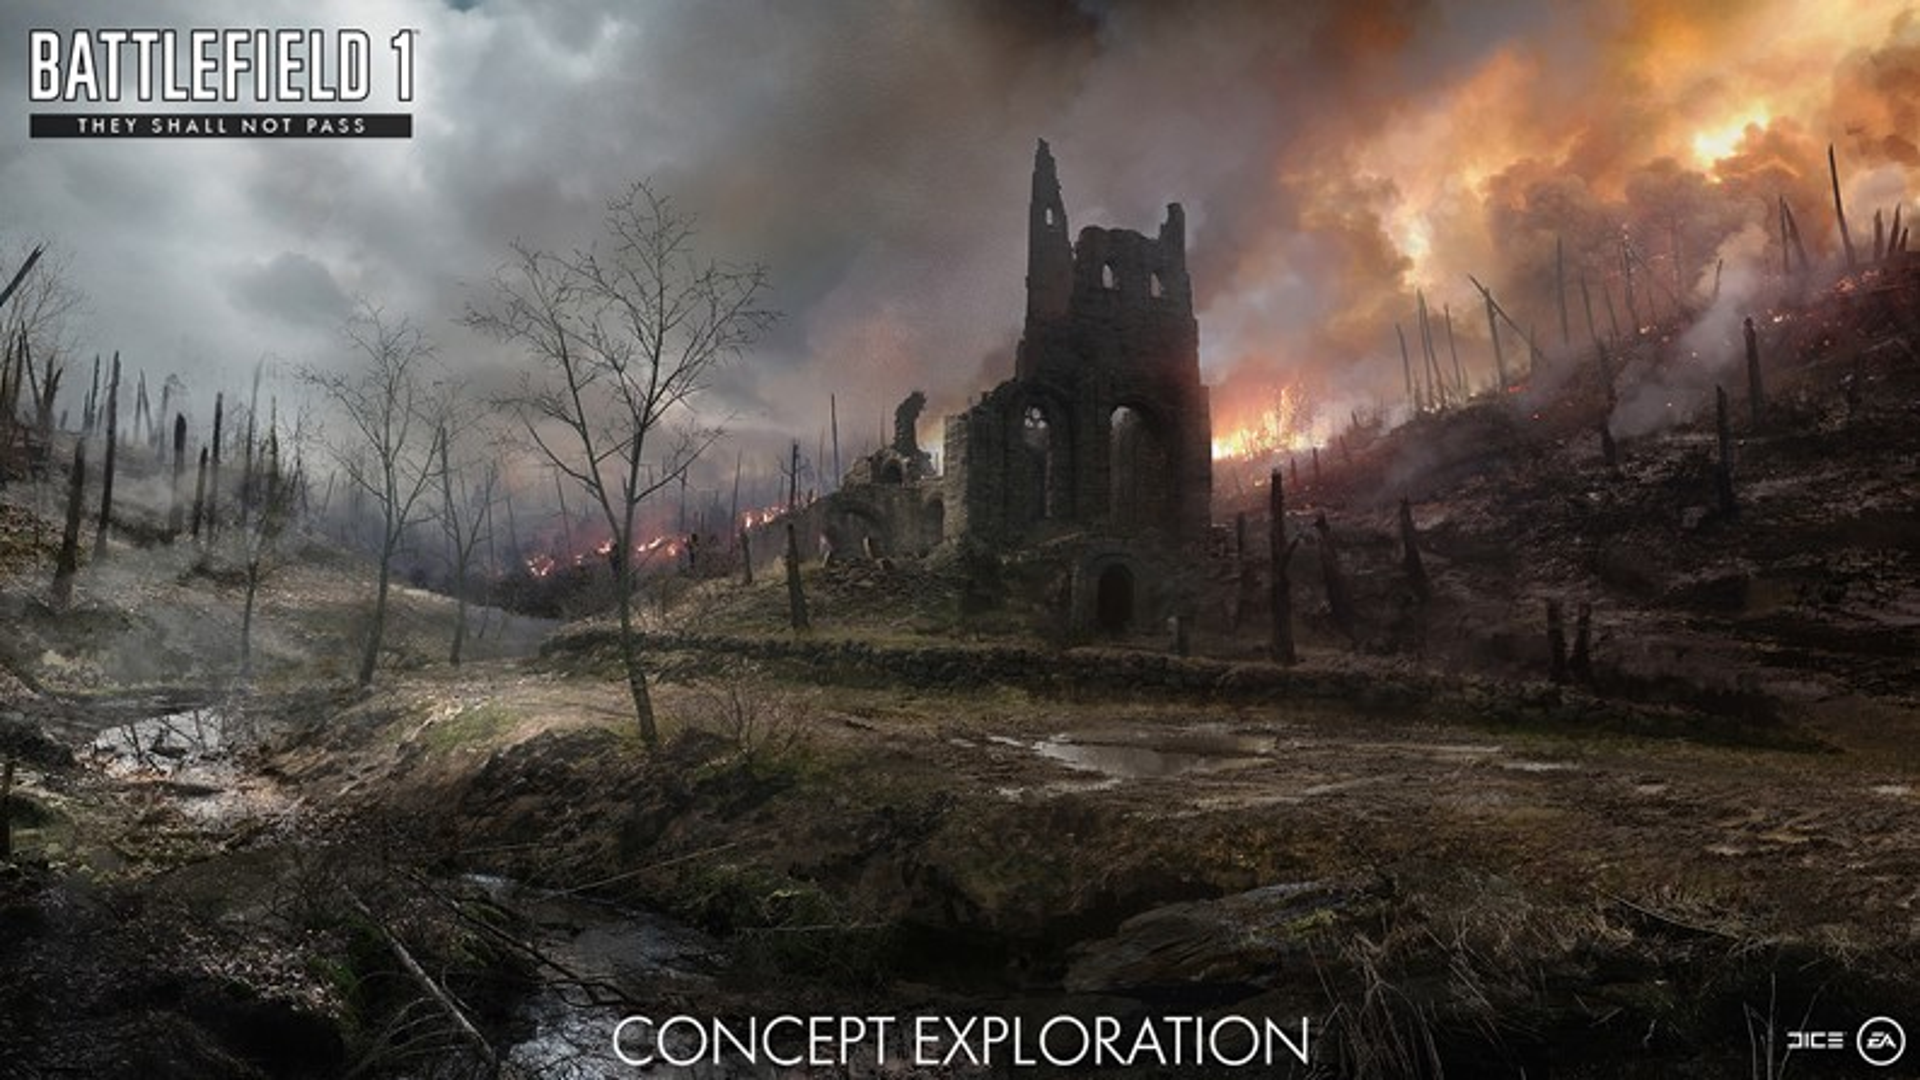 EA revela os primeiros detalhes do novo DLC de BF 1: They Shall Not Pass